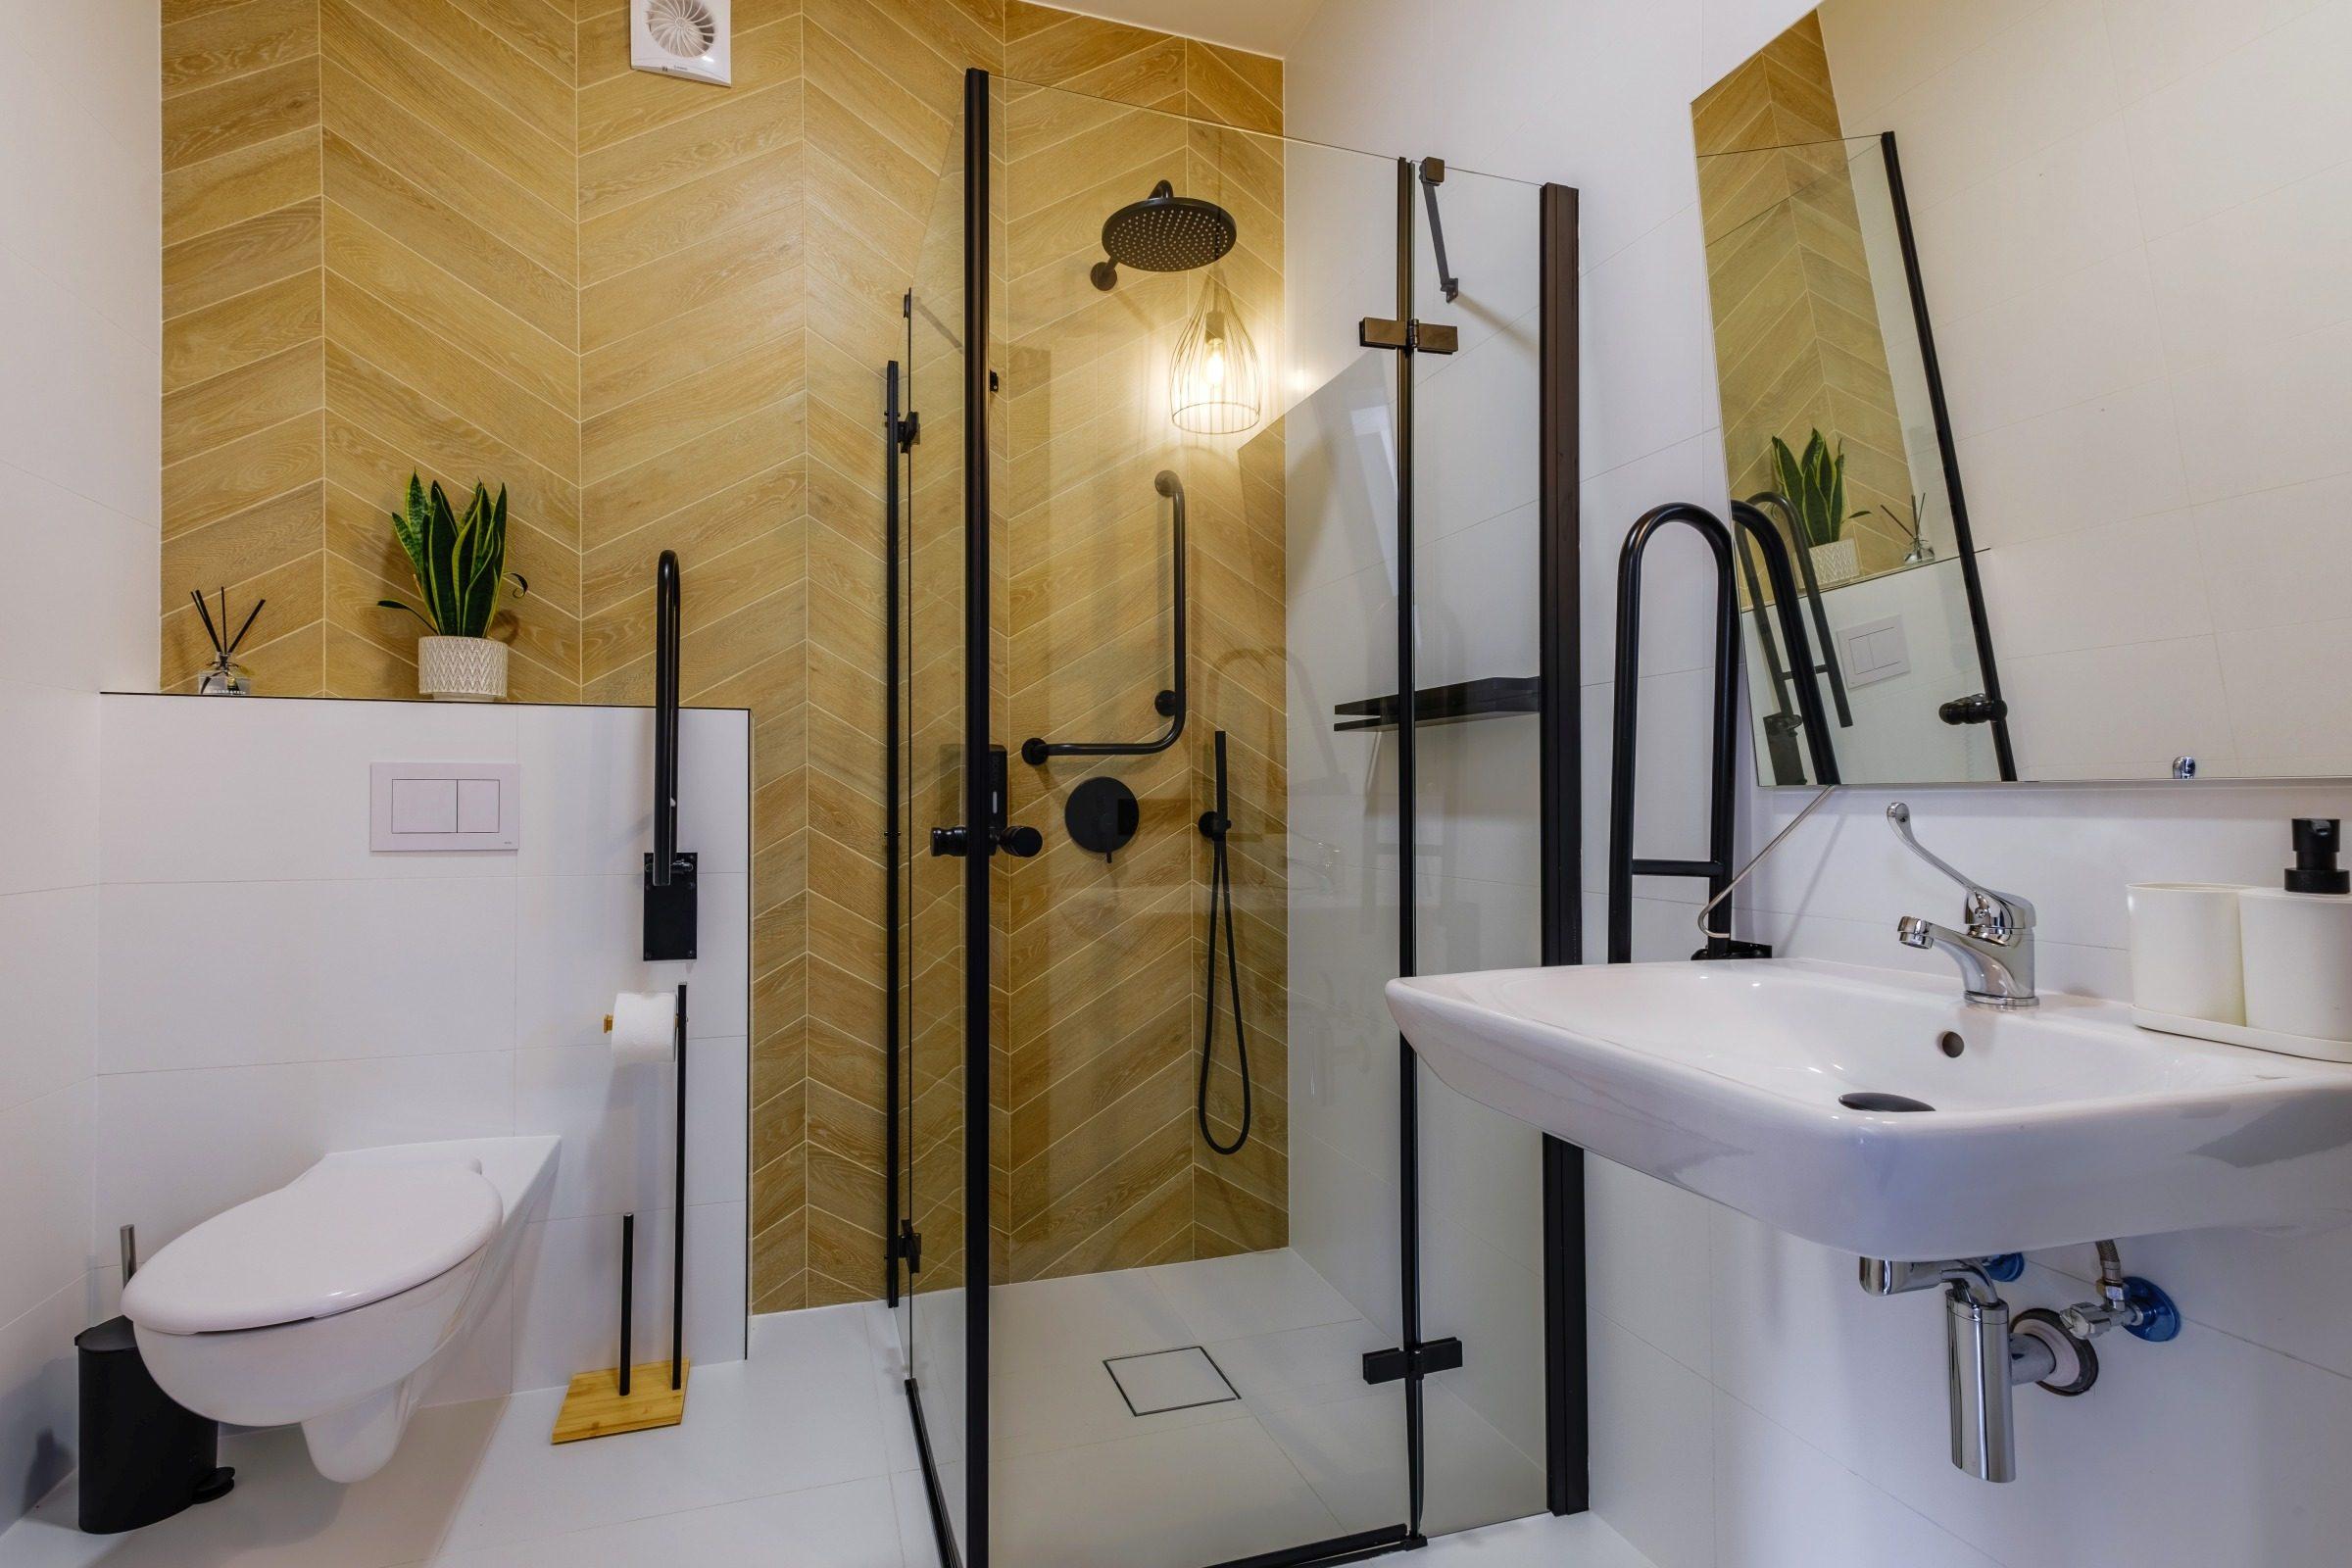 Apartamenty NOVA BIAŁKA Białka Tatrzańska apartament 7 łazienka przyjazna niepełnosprawnym